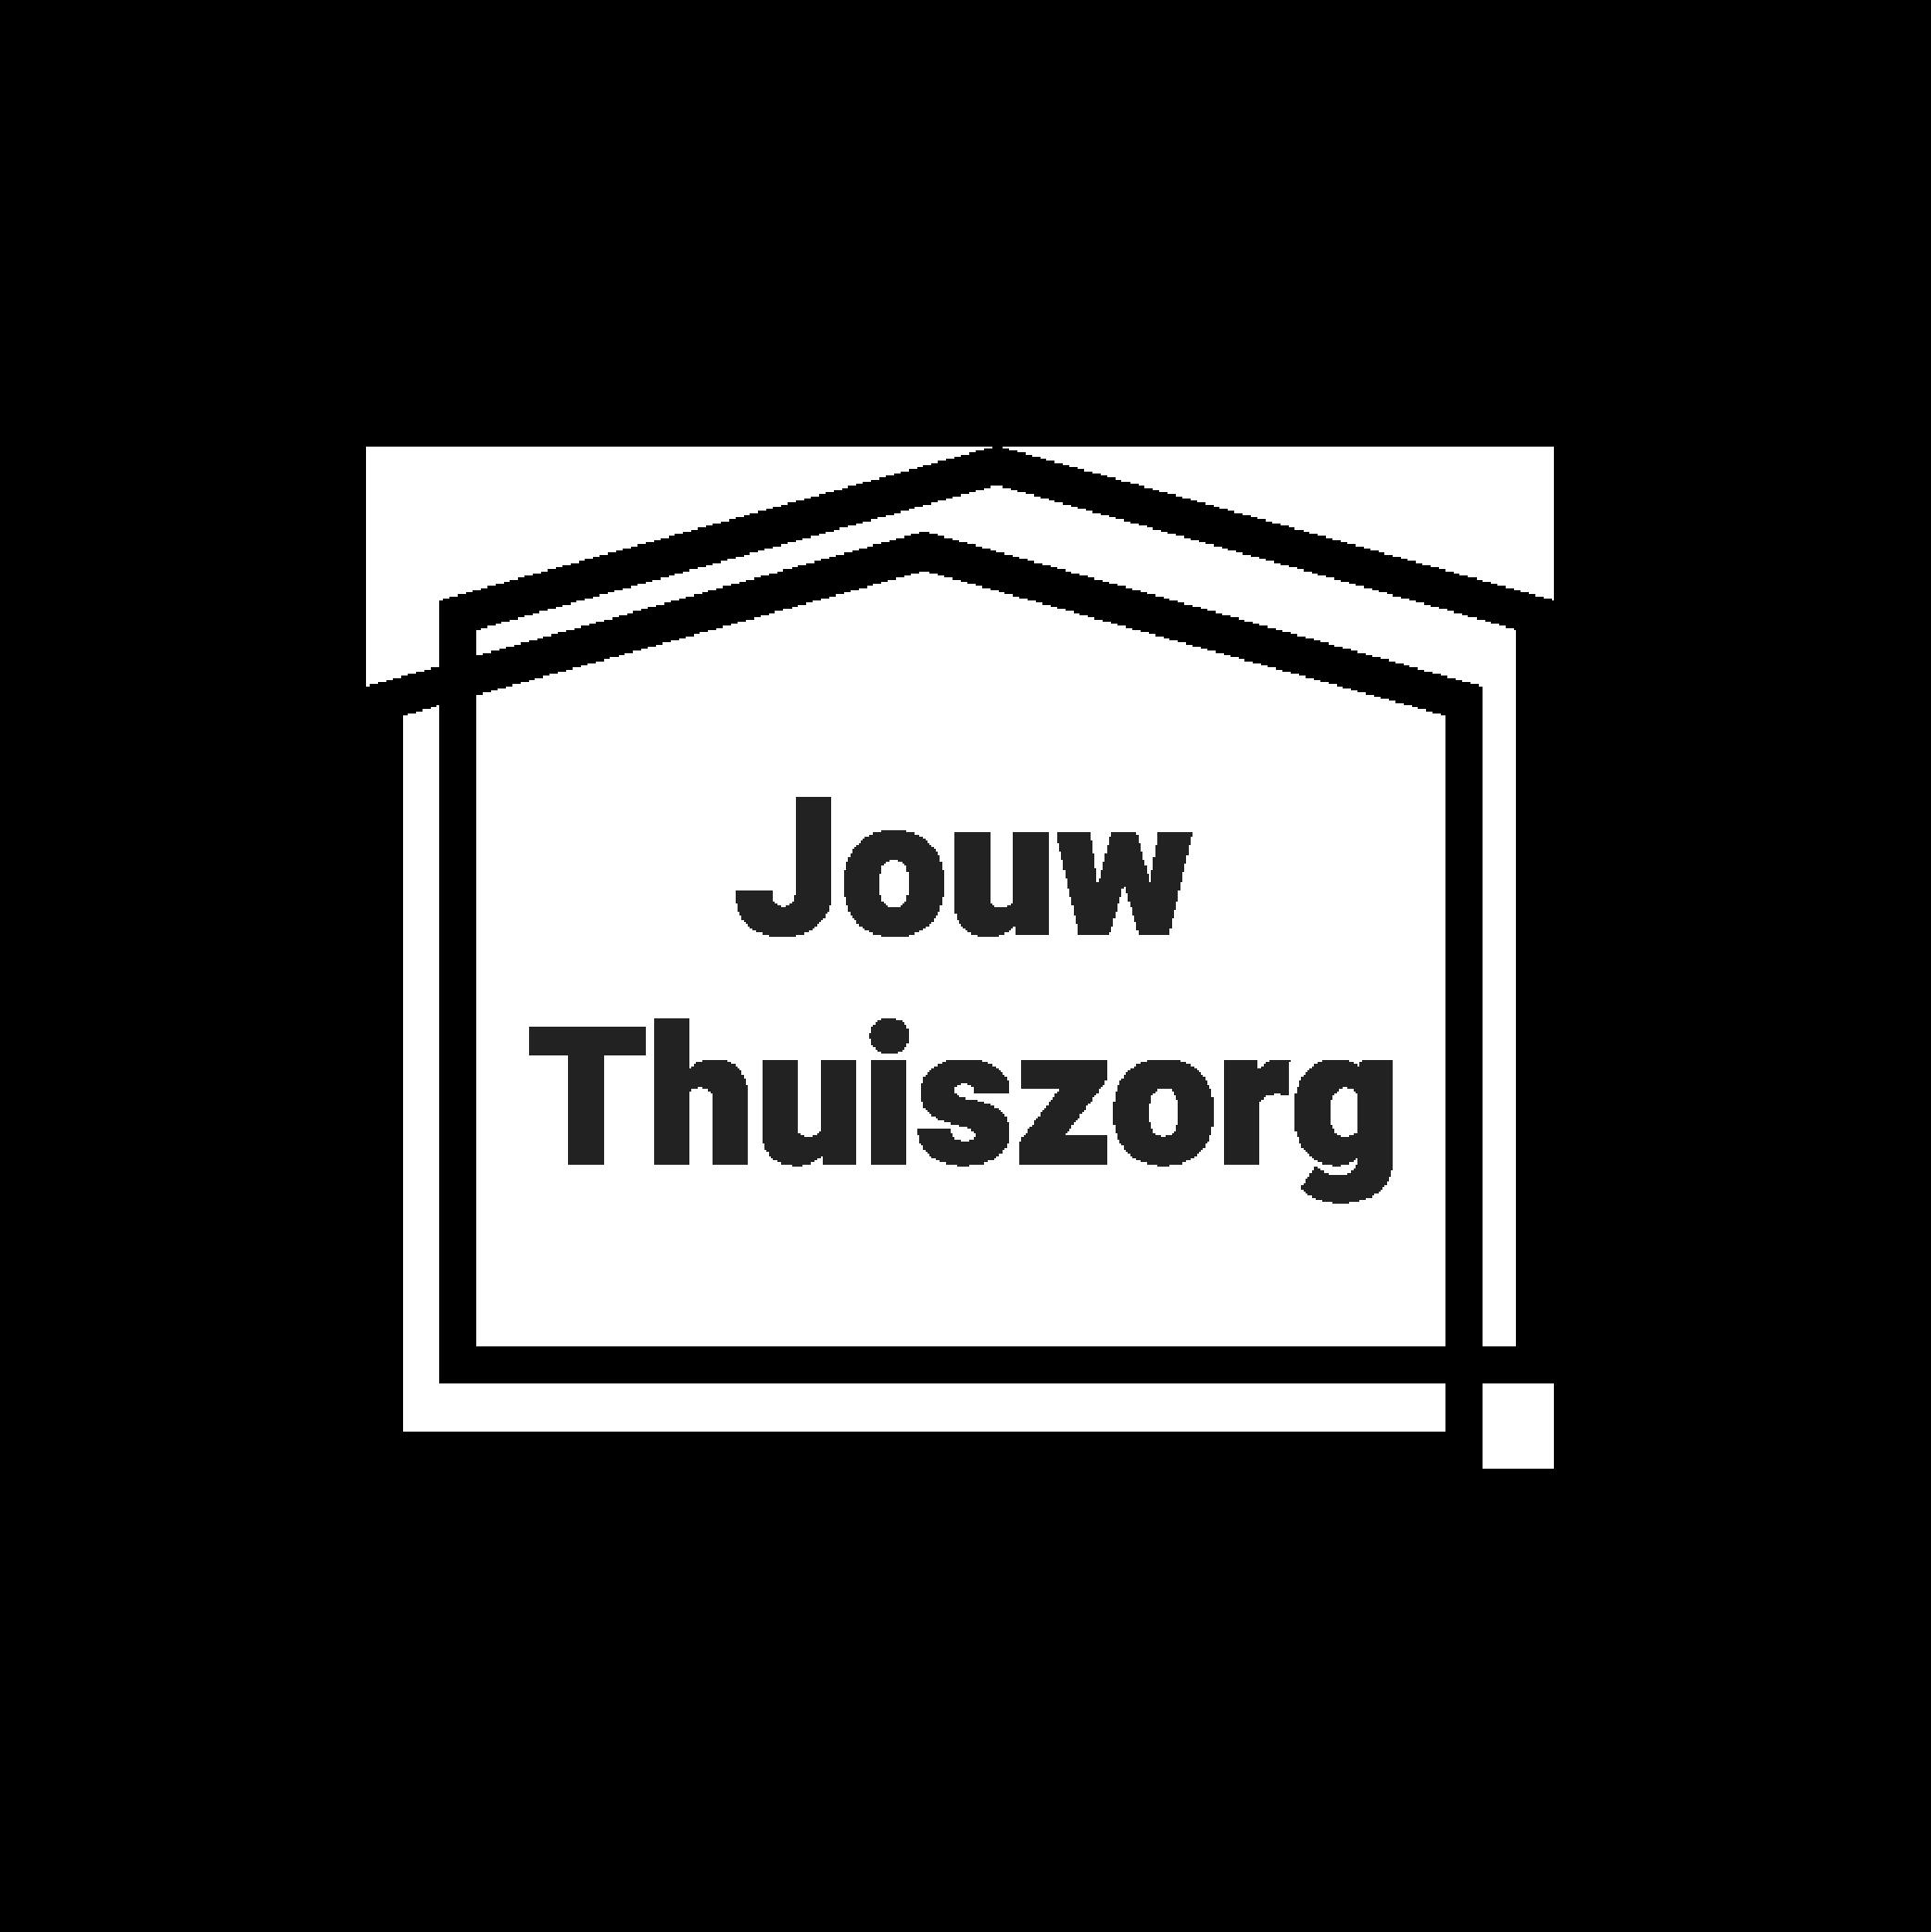 AD-Klant-Jouwthuiszorg-bw